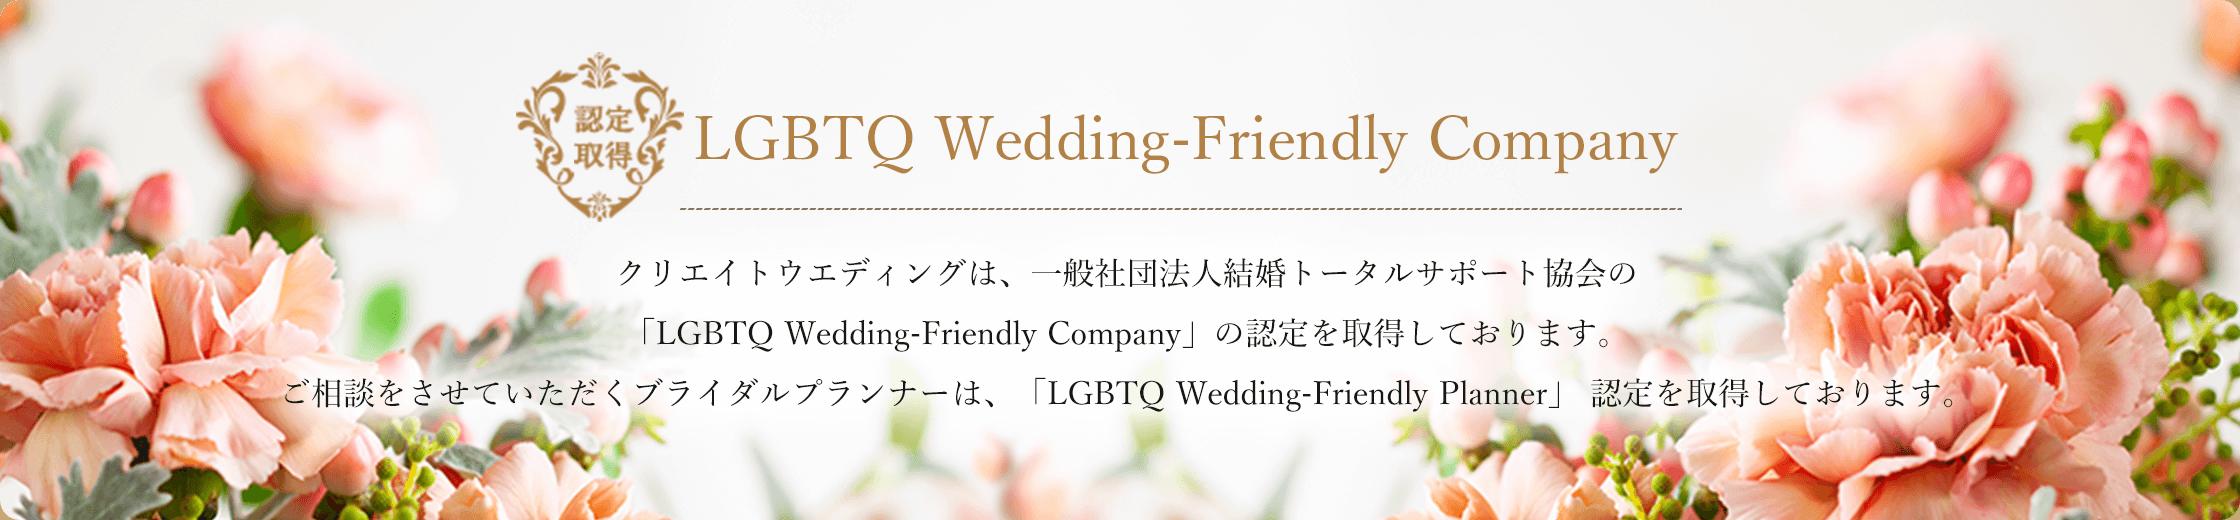 LGBTQ Wedding-Friendly Company。クリエイトウエディングは、一般社団法人結婚トータルサポート協会の「LGBTQ Wedding-Friendly Company」の認定を取得しております。ご相談をさせていただくブライダルプランナーは、「LGBTQ Wedding-Friendly Planner」 認定を取得しております。